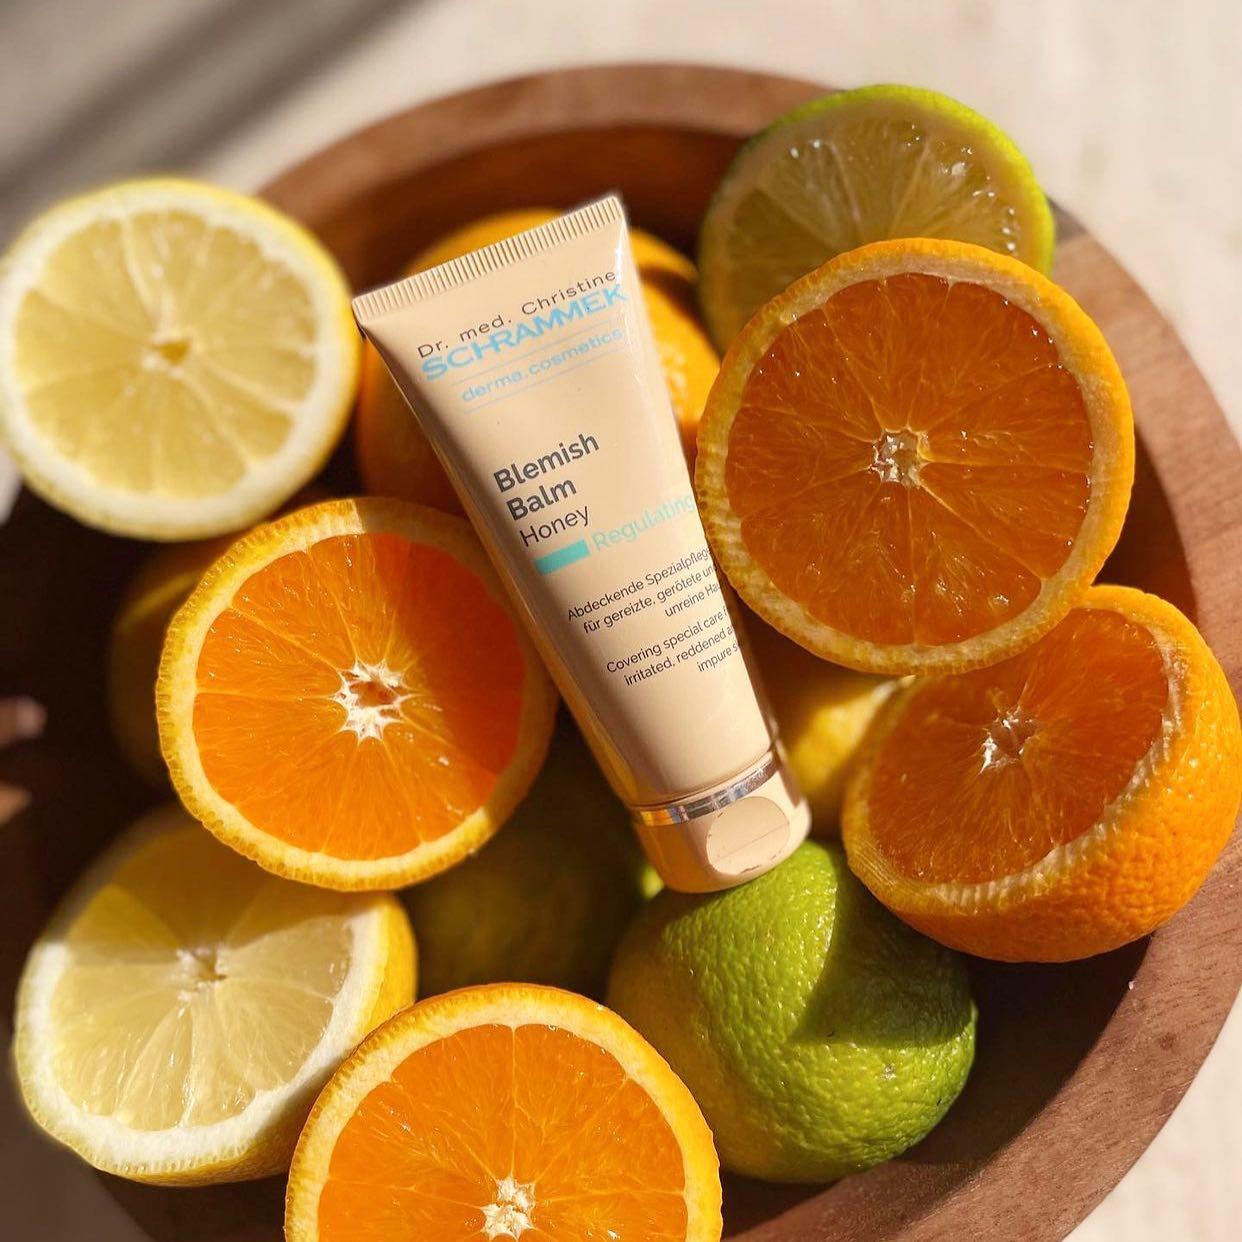 Kickstart høsten med en glødende og frisk hud med Blemish Balm fra Dr. Schrammek🏻 Finnes i 4 naturlige farger som smelter inn i huden og får din egen hudtone til å skinne igjennom.